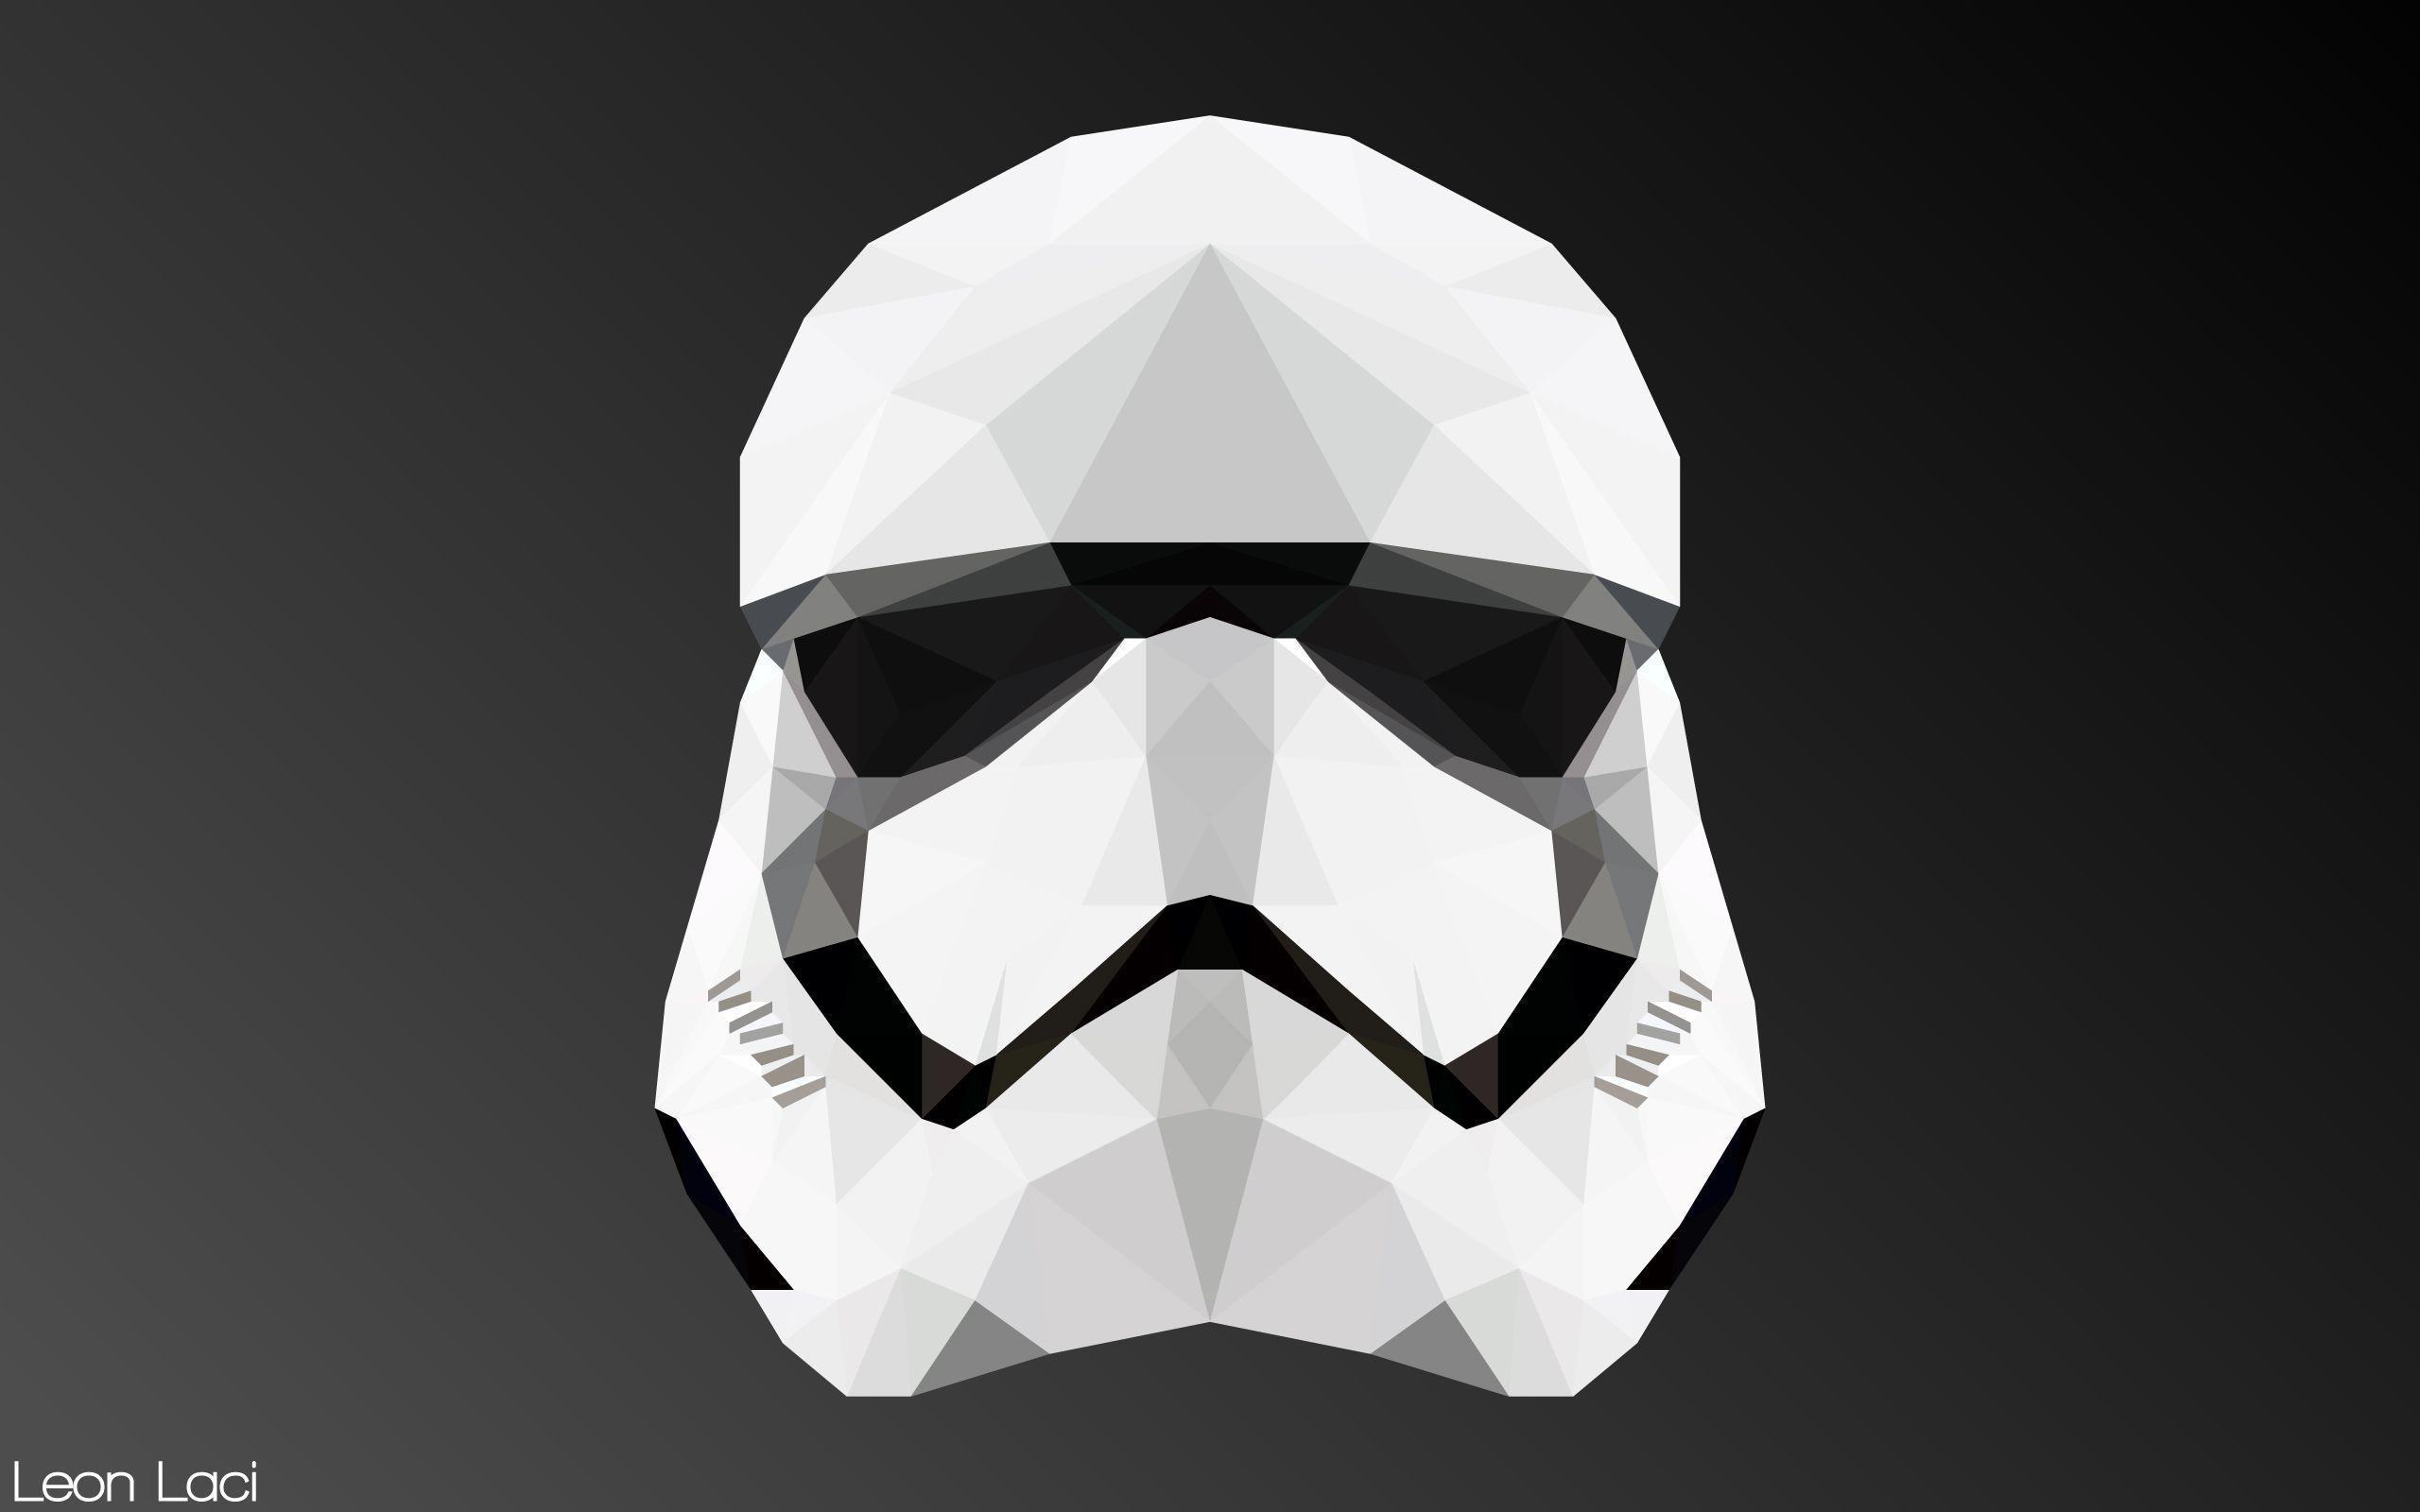 Stormtrooper Helmet Wallpapers Top Free Stormtrooper Helmet Backgrounds Wallpaperaccess